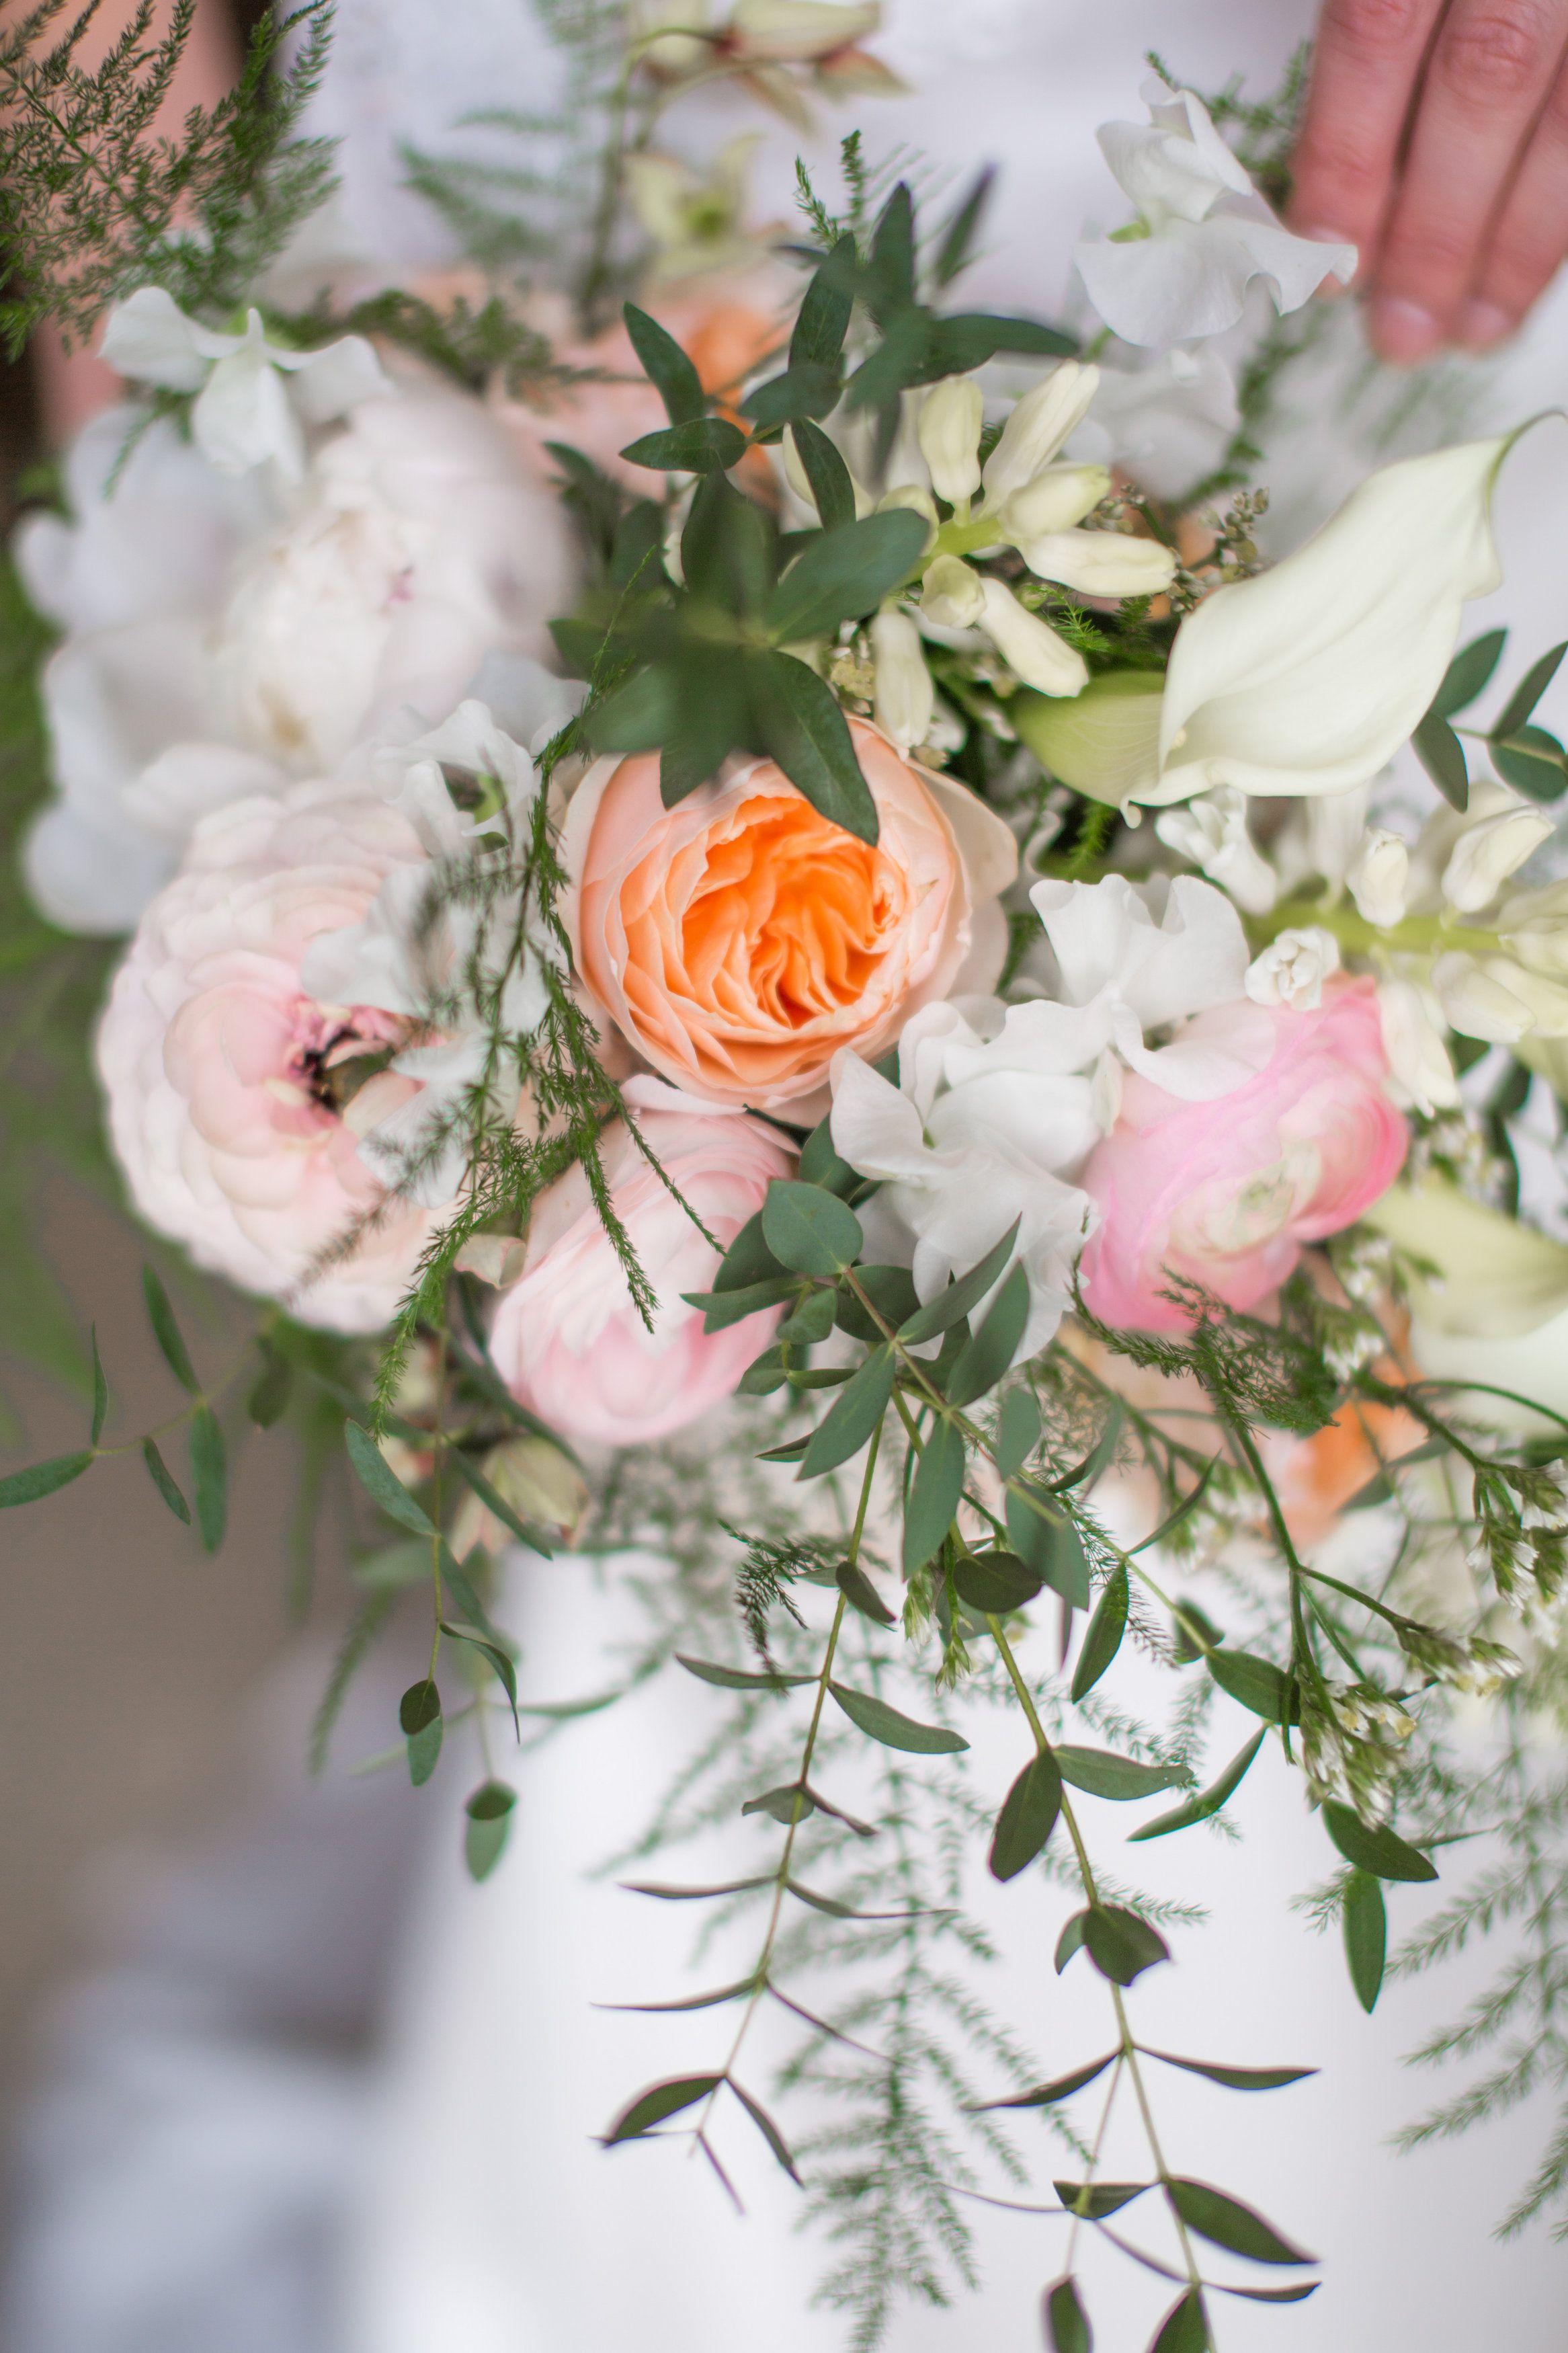 Pin on Wedding Flowers by Lamber de Bie